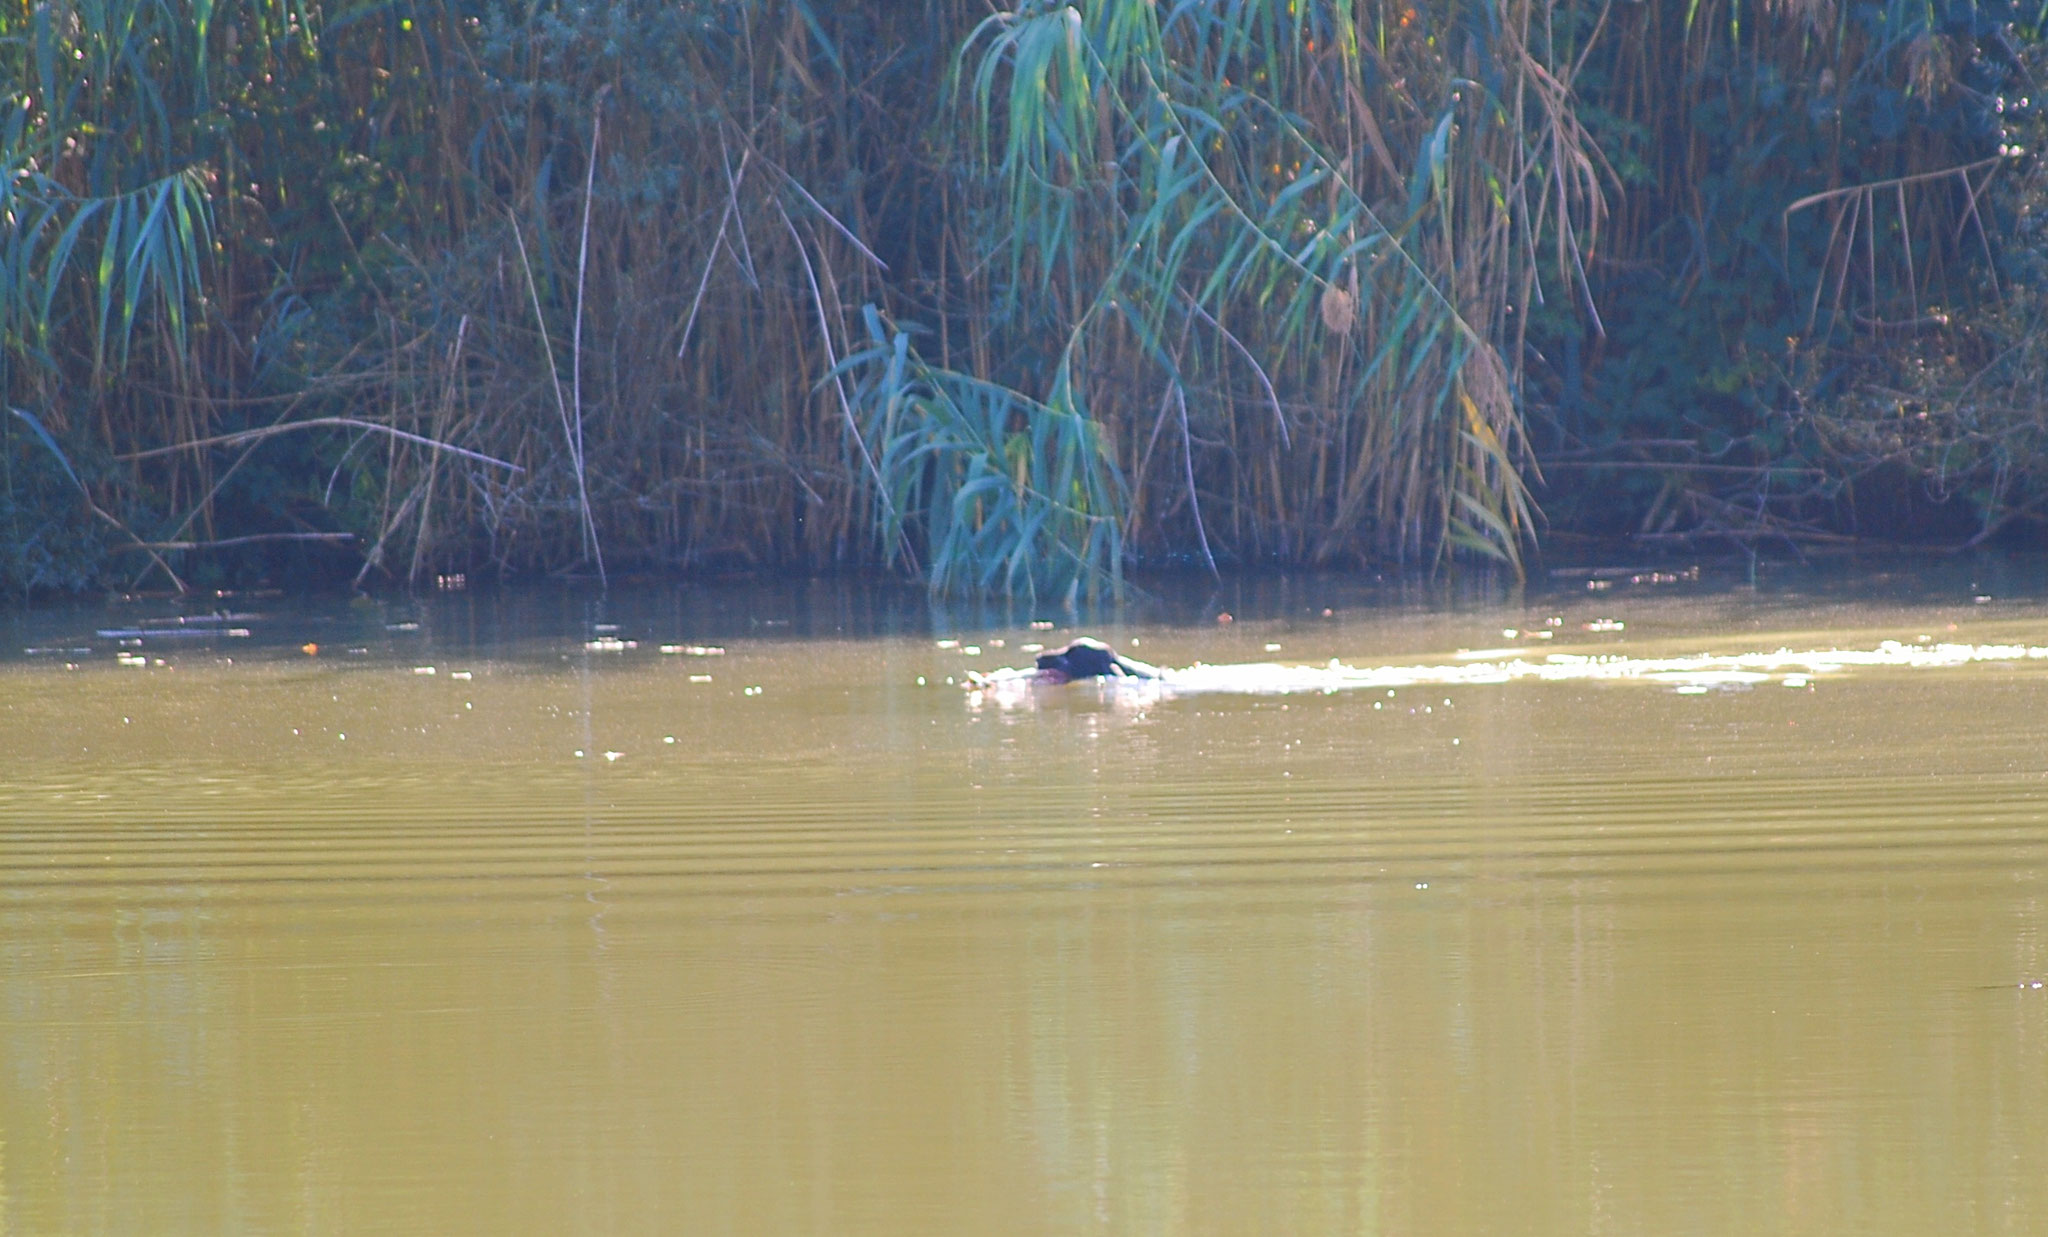 Big Boss bei der Überprüfung der Schußfestigkeit am Wasser...